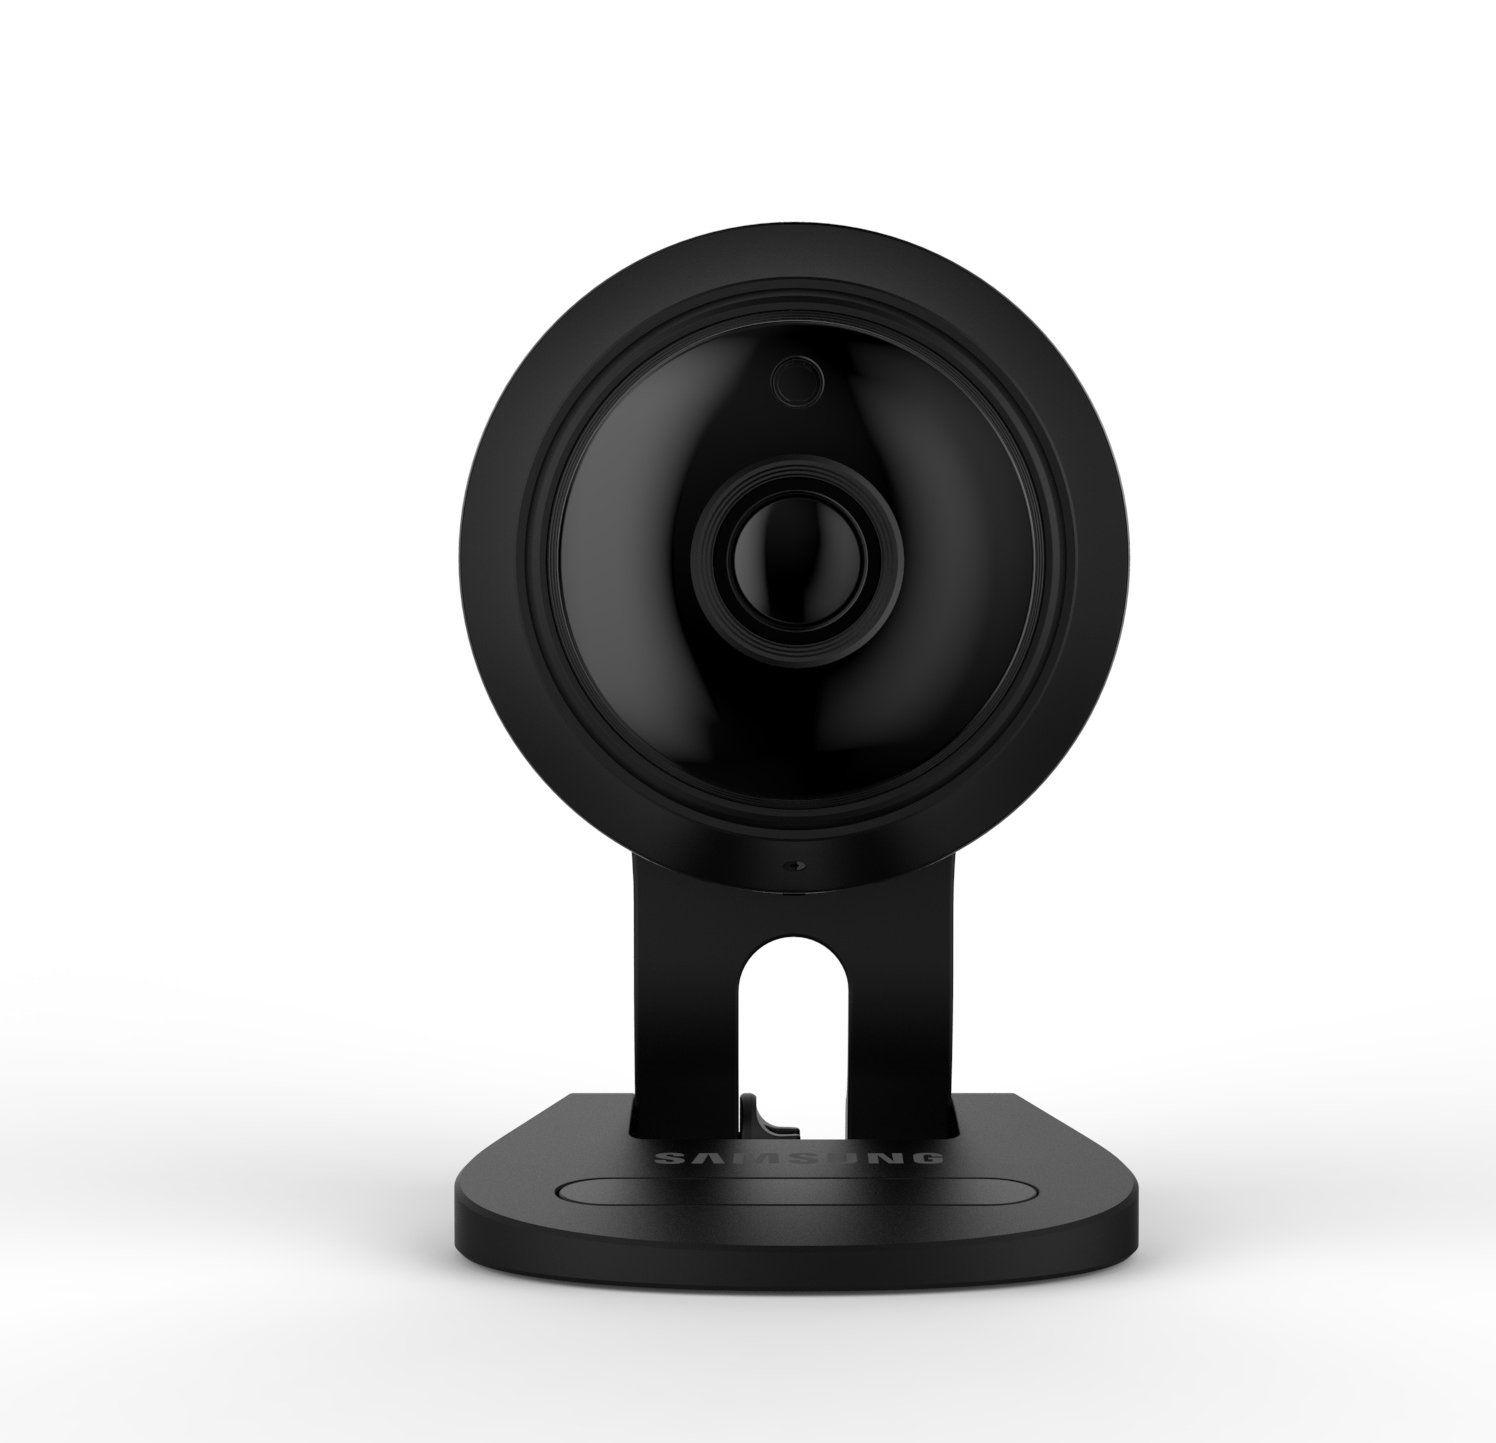 Samsung snhv6414bmr smartcam hd full hd 1080p wifi camera